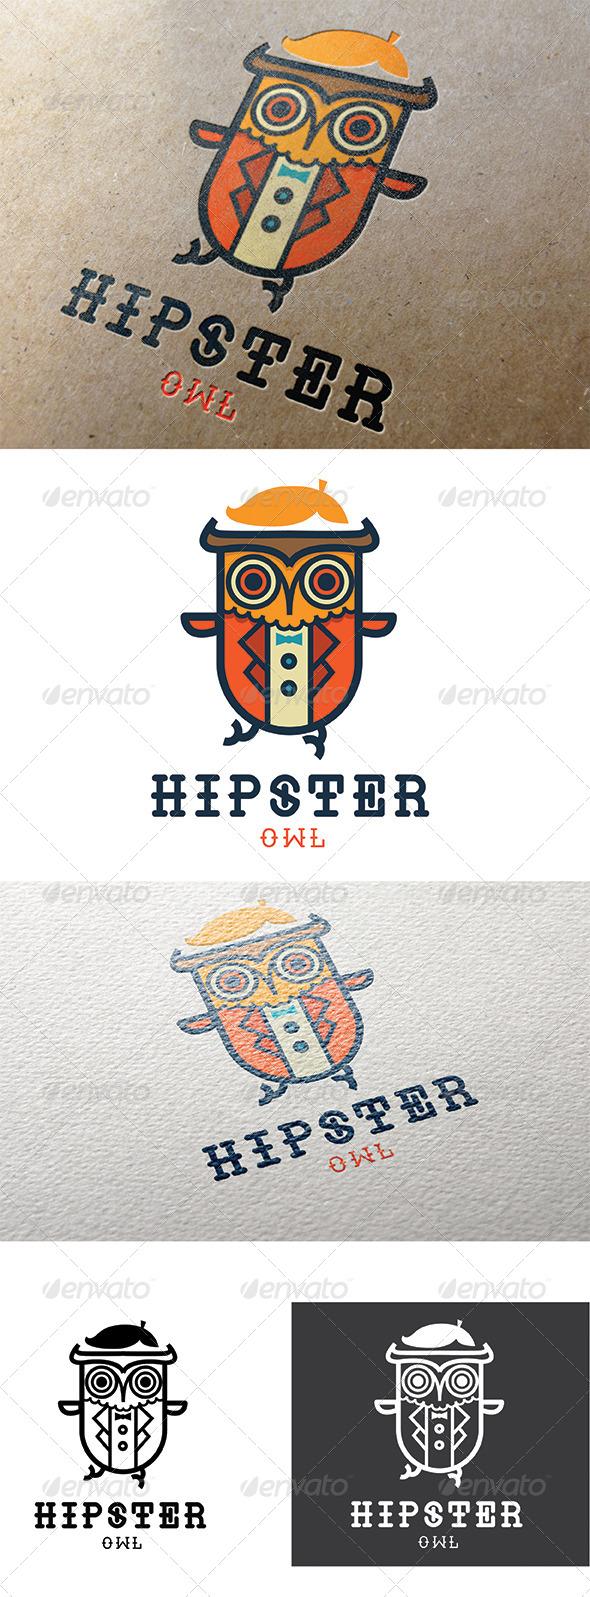 GraphicRiver Hipster Owl Logo 8034202